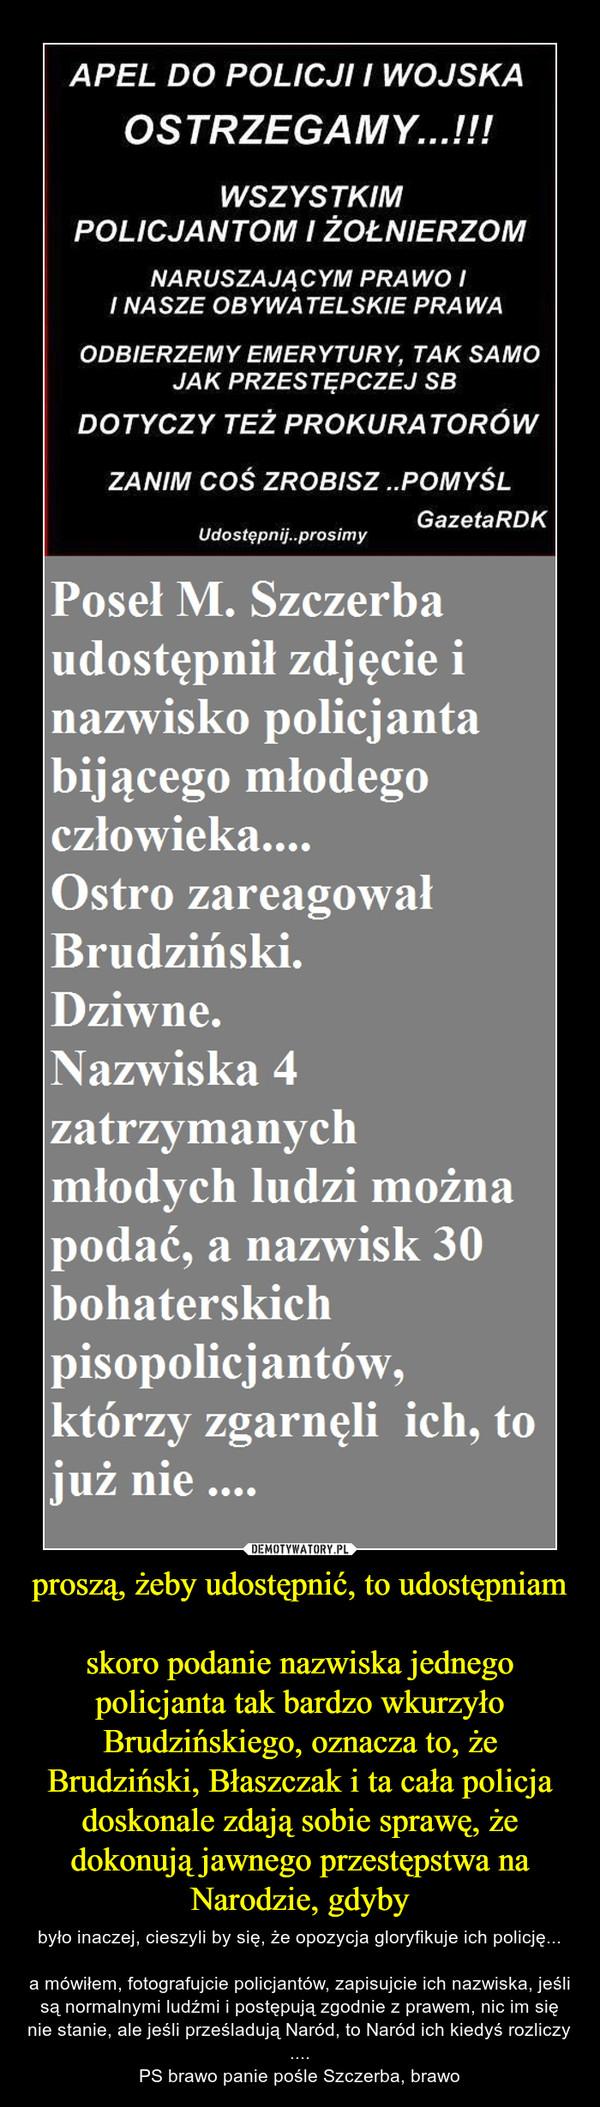 proszą, żeby udostępnić, to udostępniamskoro podanie nazwiska jednego policjanta tak bardzo wkurzyło Brudzińskiego, oznacza to, że Brudziński, Błaszczak i ta cała policja doskonale zdają sobie sprawę, że dokonują jawnego przestępstwa na Narodzie, gdyby – było inaczej, cieszyli by się, że opozycja gloryfikuje ich policję...a mówiłem, fotografujcie policjantów, zapisujcie ich nazwiska, jeśli są normalnymi ludźmi i postępują zgodnie z prawem, nic im się nie stanie, ale jeśli prześladują Naród, to Naród ich kiedyś rozliczy ....PS brawo panie pośle Szczerba, brawo